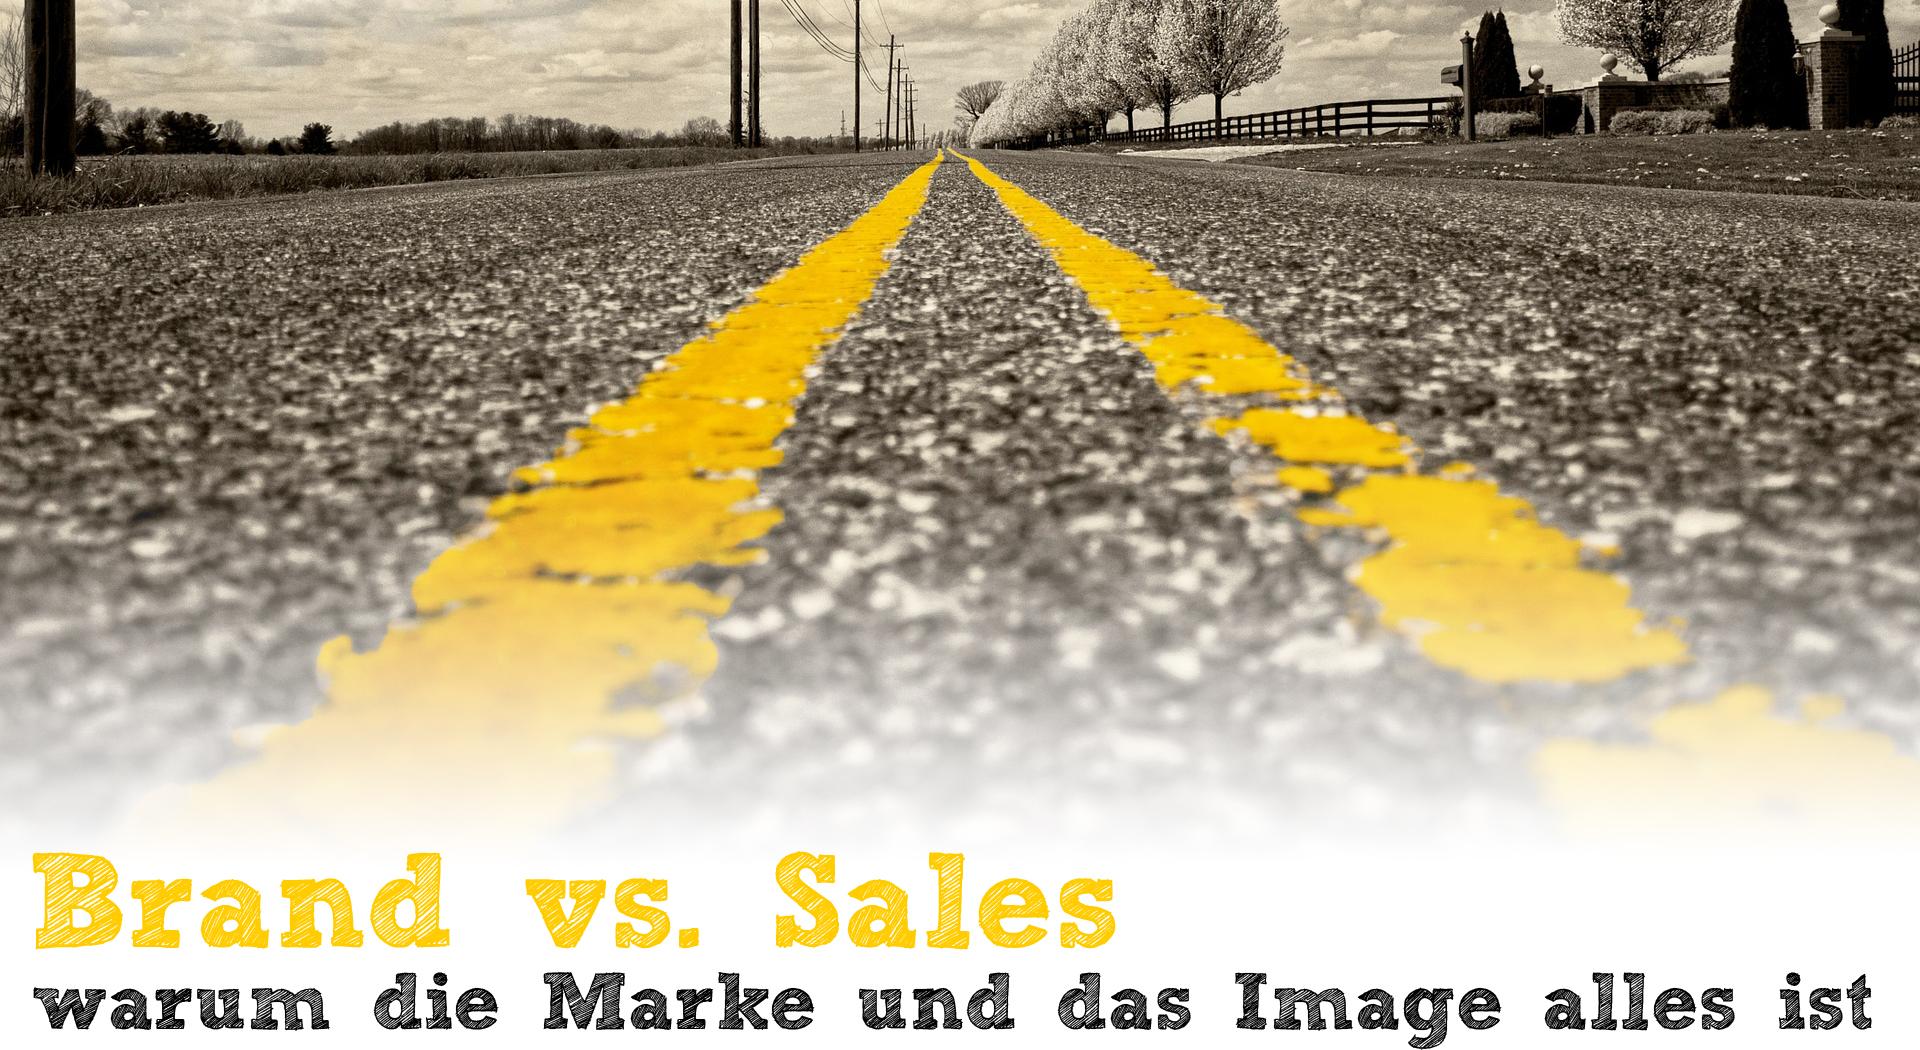 Brand vs Sales - warum die Marke und das Image alles ist